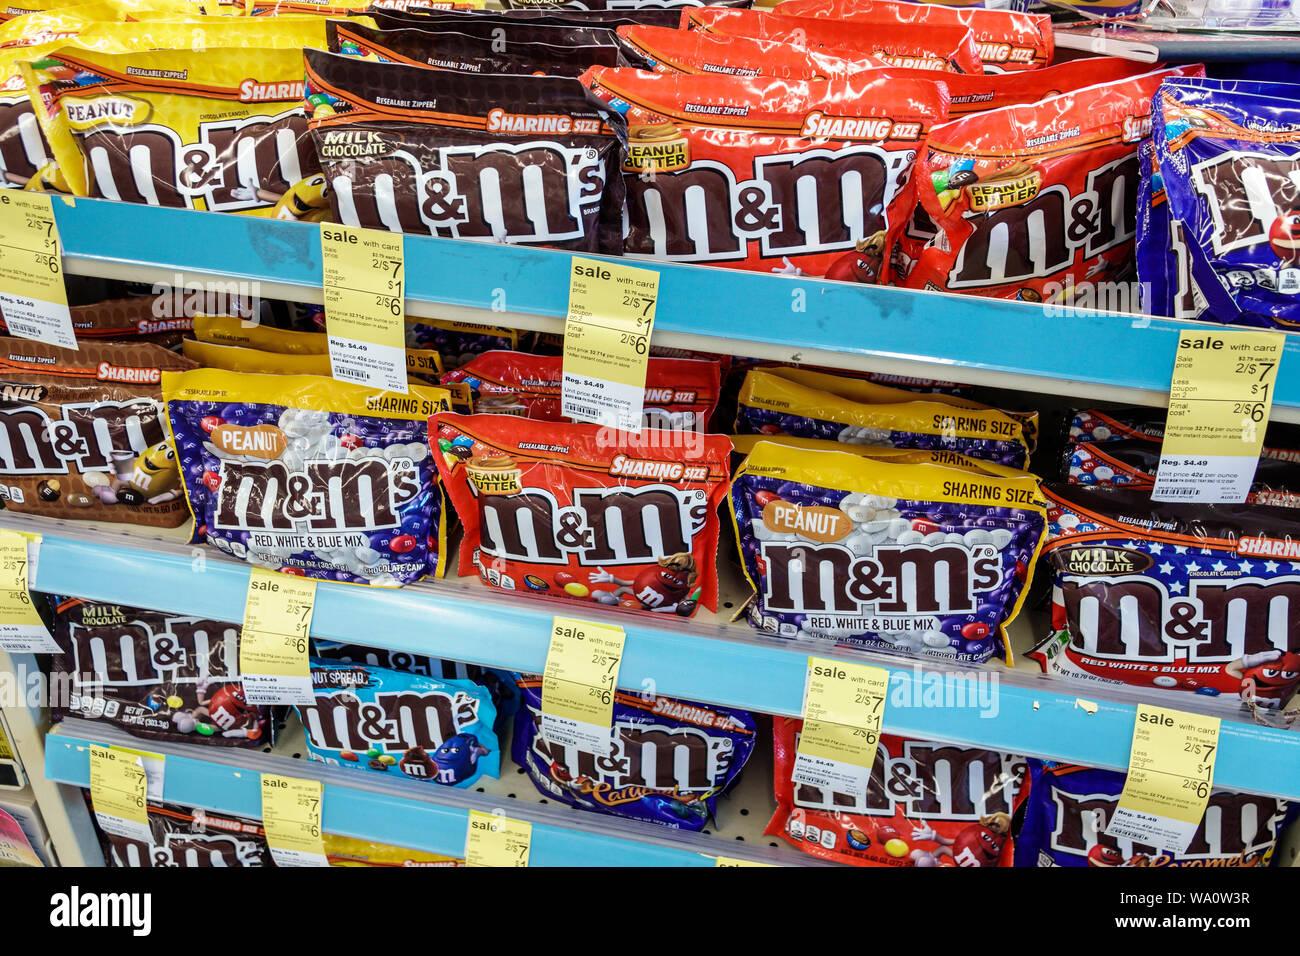 Miami Beach, Florida North Beach CVS Apotheke in Süßigkeiten Taschen Optionen Kasse Anzeige Verkauf m&m's Art Stockfoto